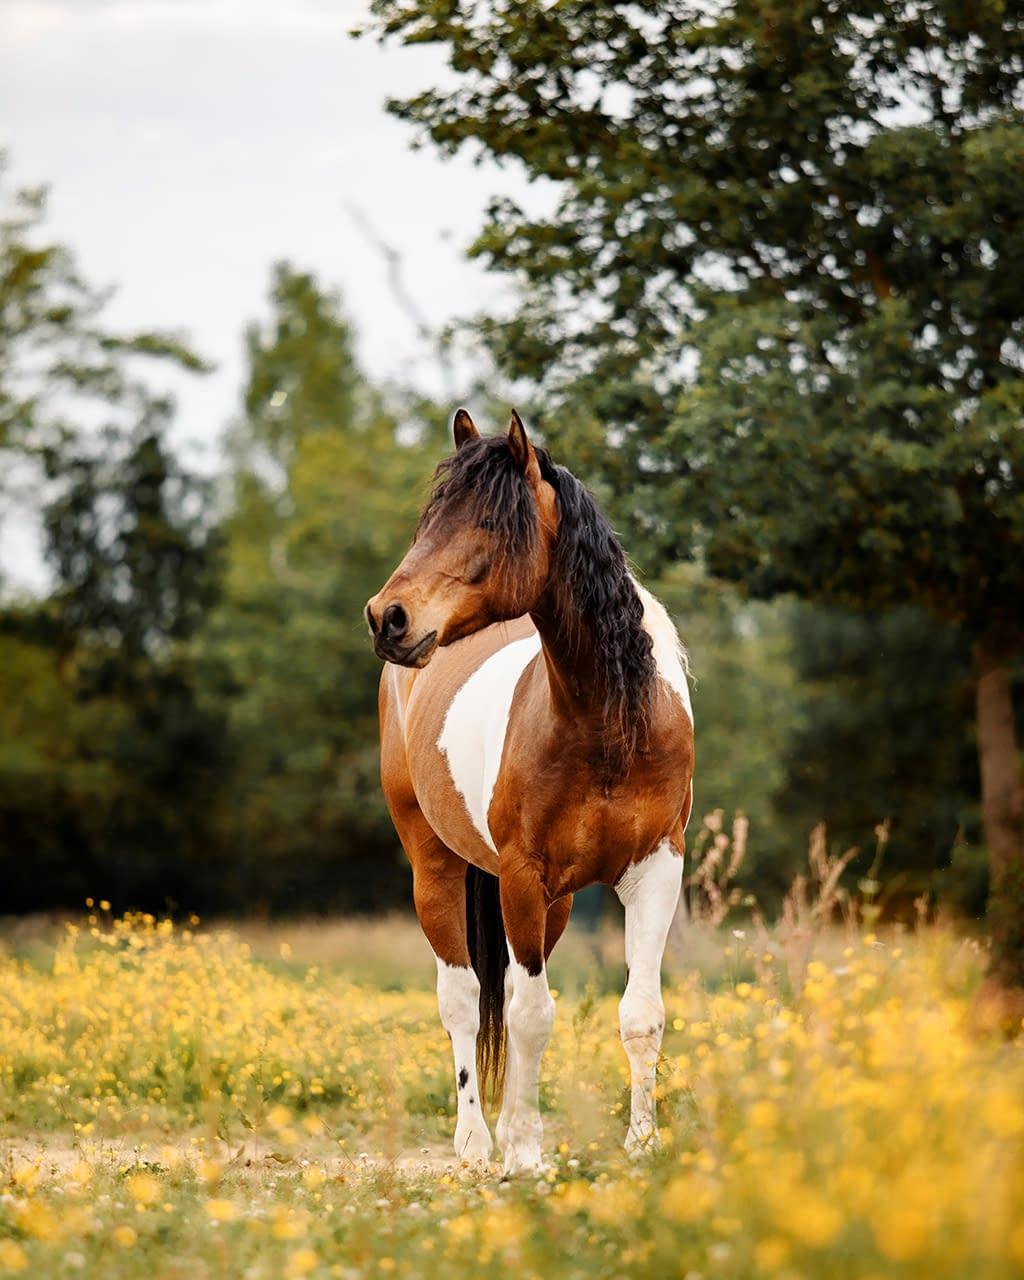 portrait d'un cheval pie dans les fleurs jaunes photo: Faustine Gauchet